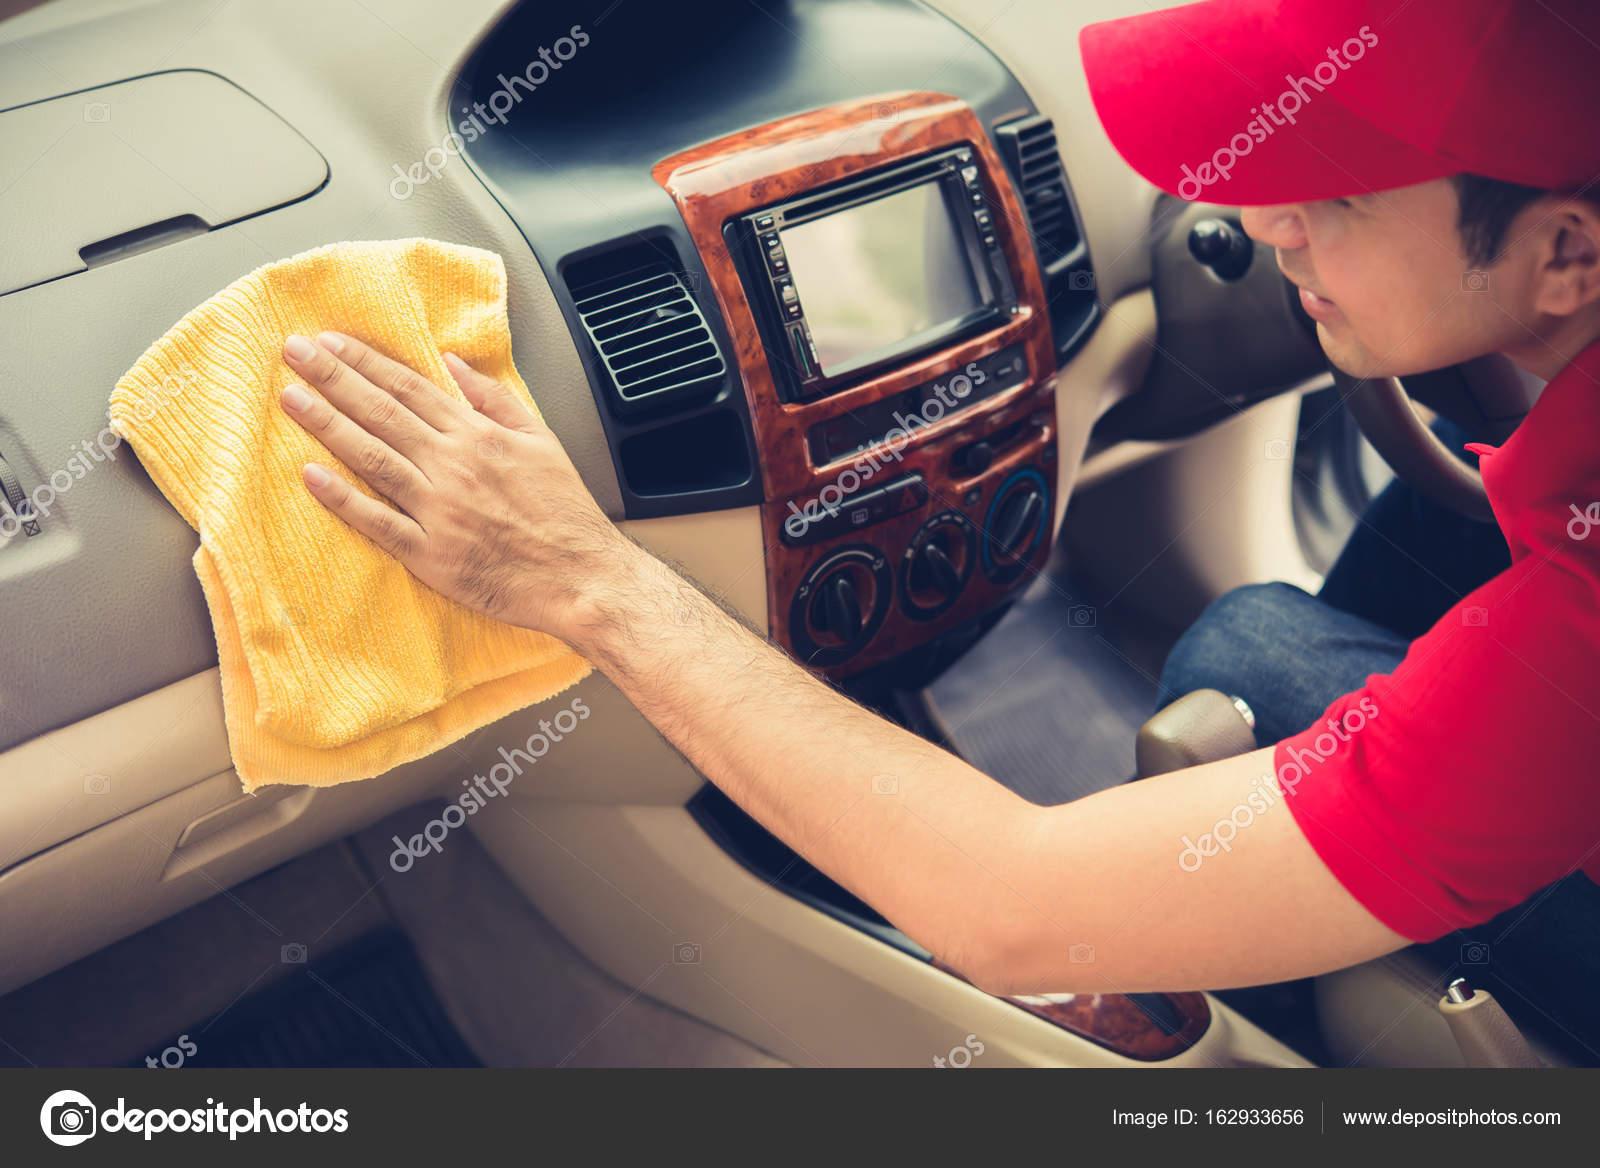 um interior de carro limpeza de homem stock photo kritchanut 162933656. Black Bedroom Furniture Sets. Home Design Ideas